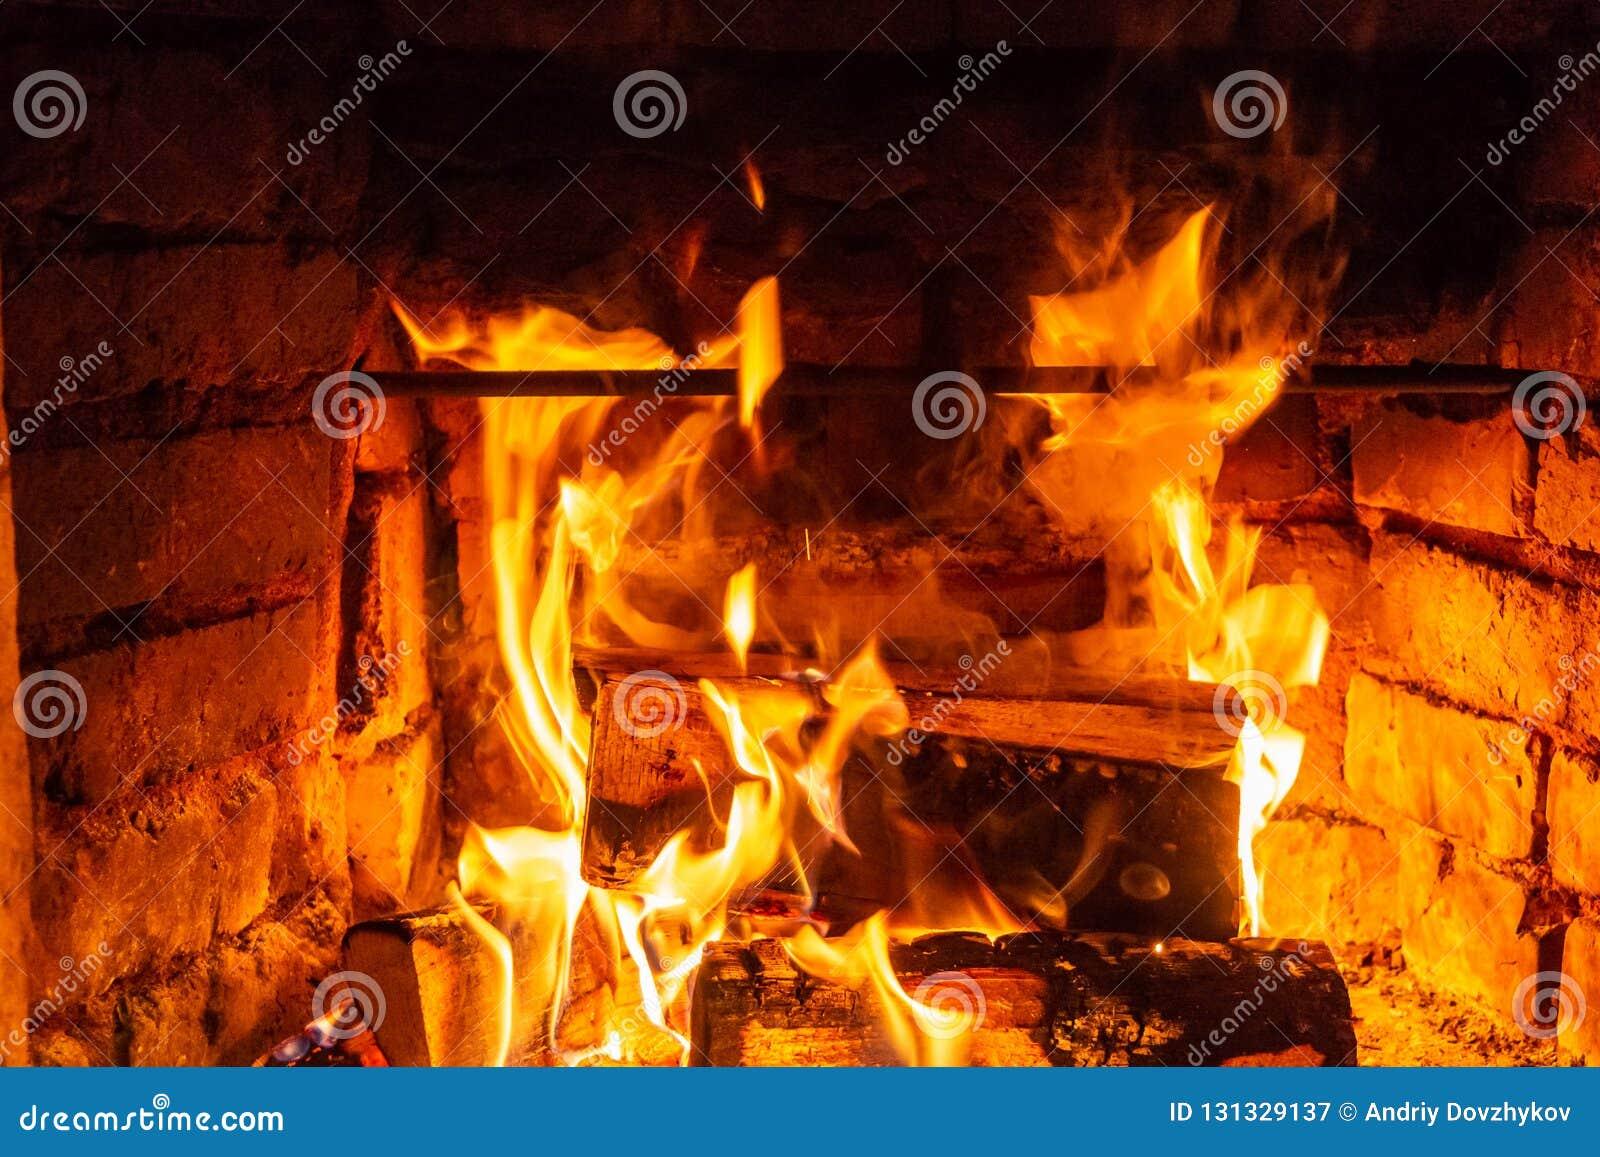 在火烧伤的木柴燃烧在壁炉 砖烤箱给热和热从被烧的日志 燃烧的煤炭和火焰